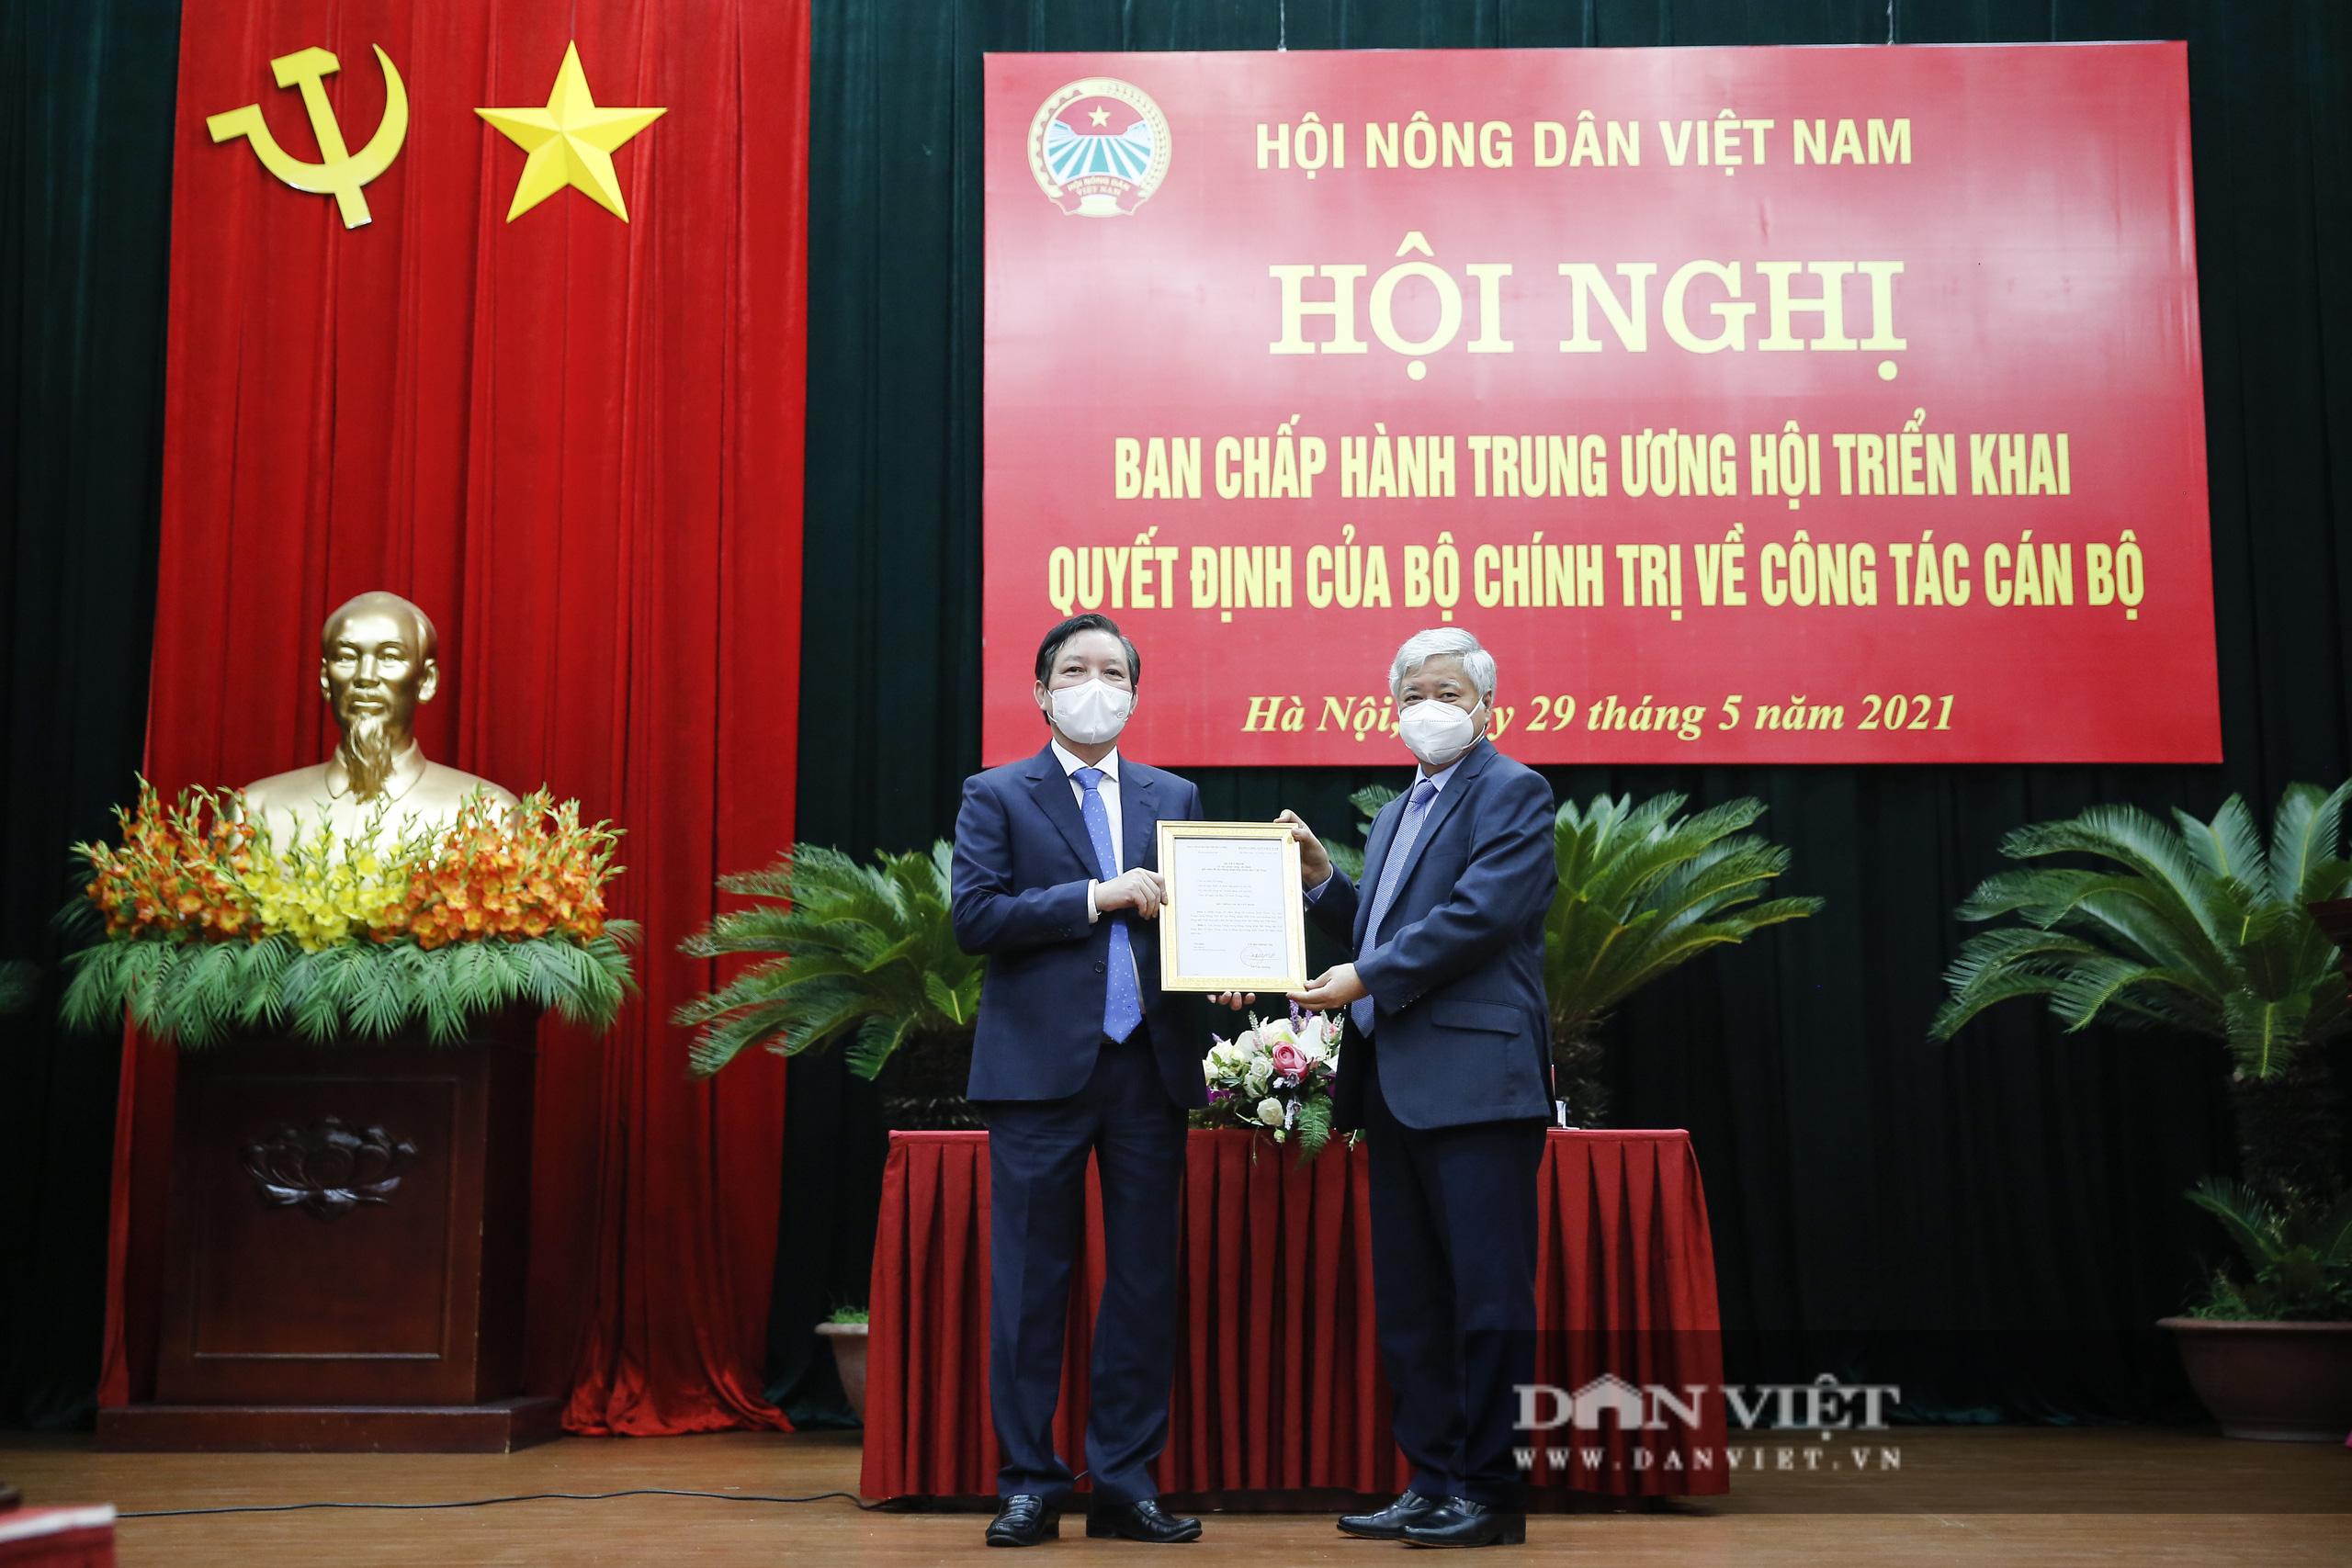 Ảnh: Hội nghị BCH TƯ Hội Nông dân Việt Nam triển khai quyết định của Bộ Chính trị về công tác cán bộ - Ảnh 7.